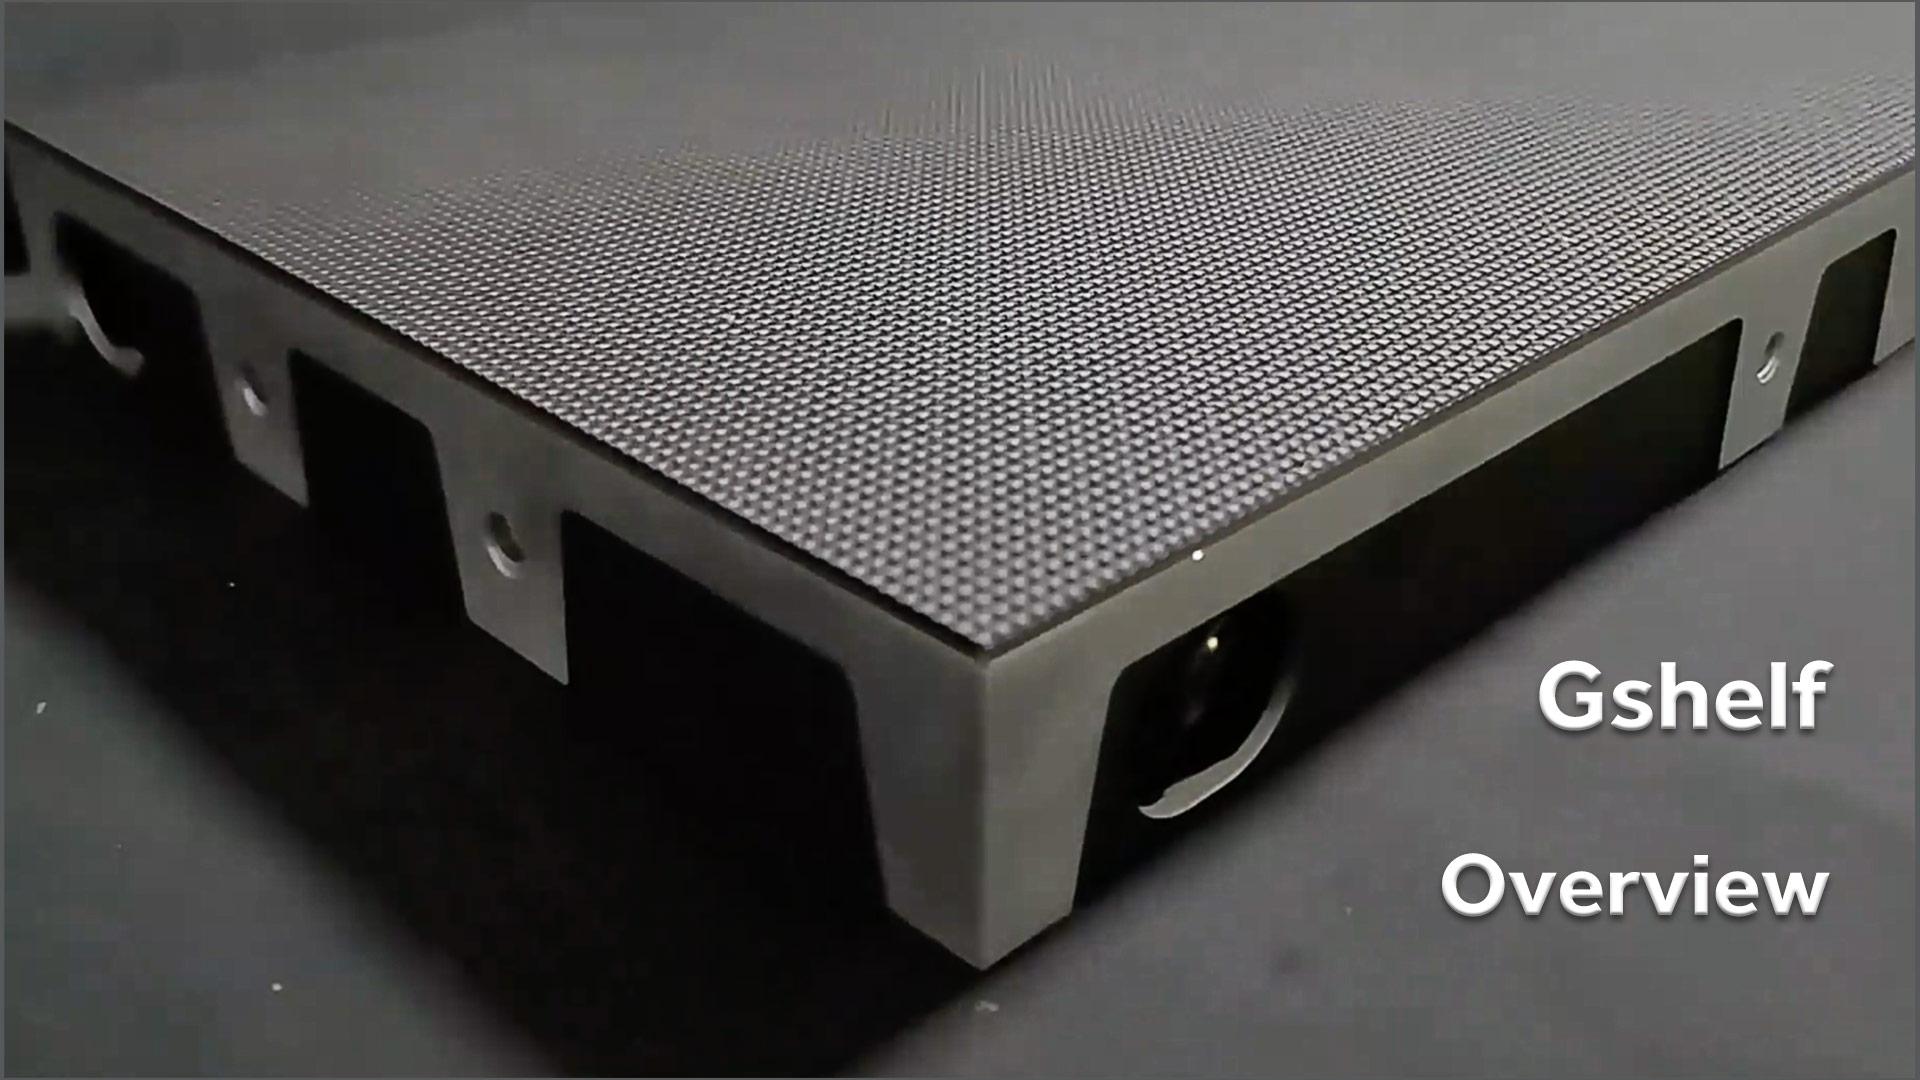 高品質のGshelf屋内LEDディスプレイの概要